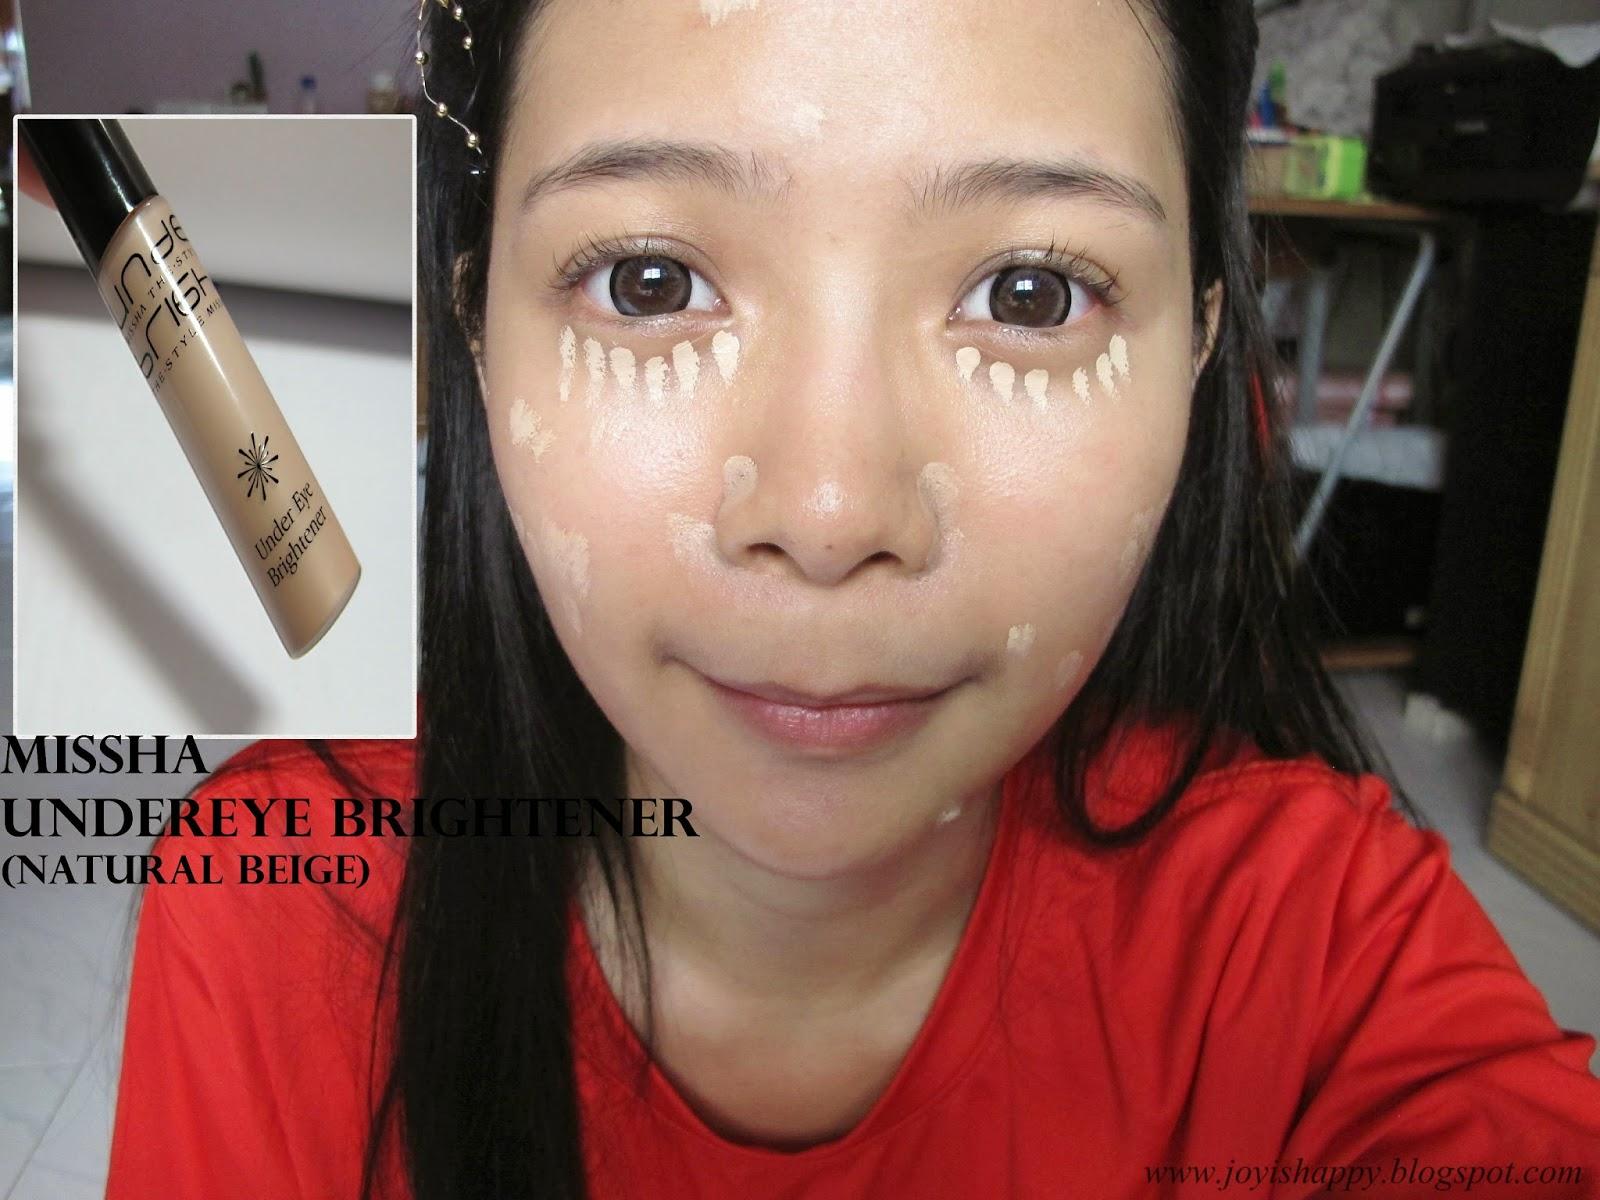 missha under eye brightener